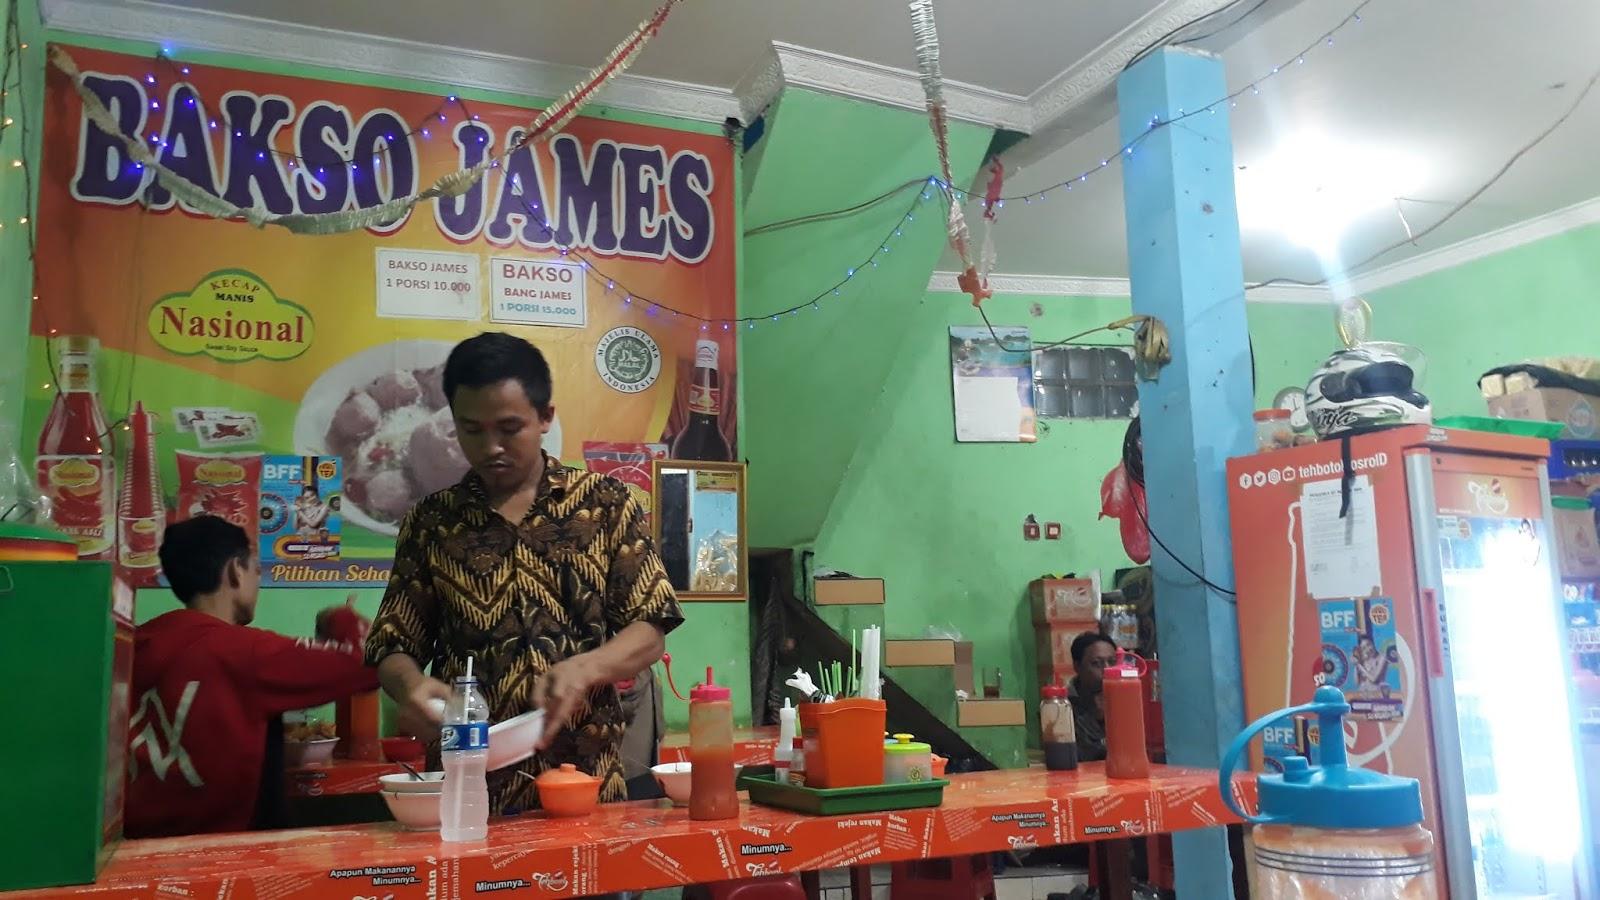 Bakso James